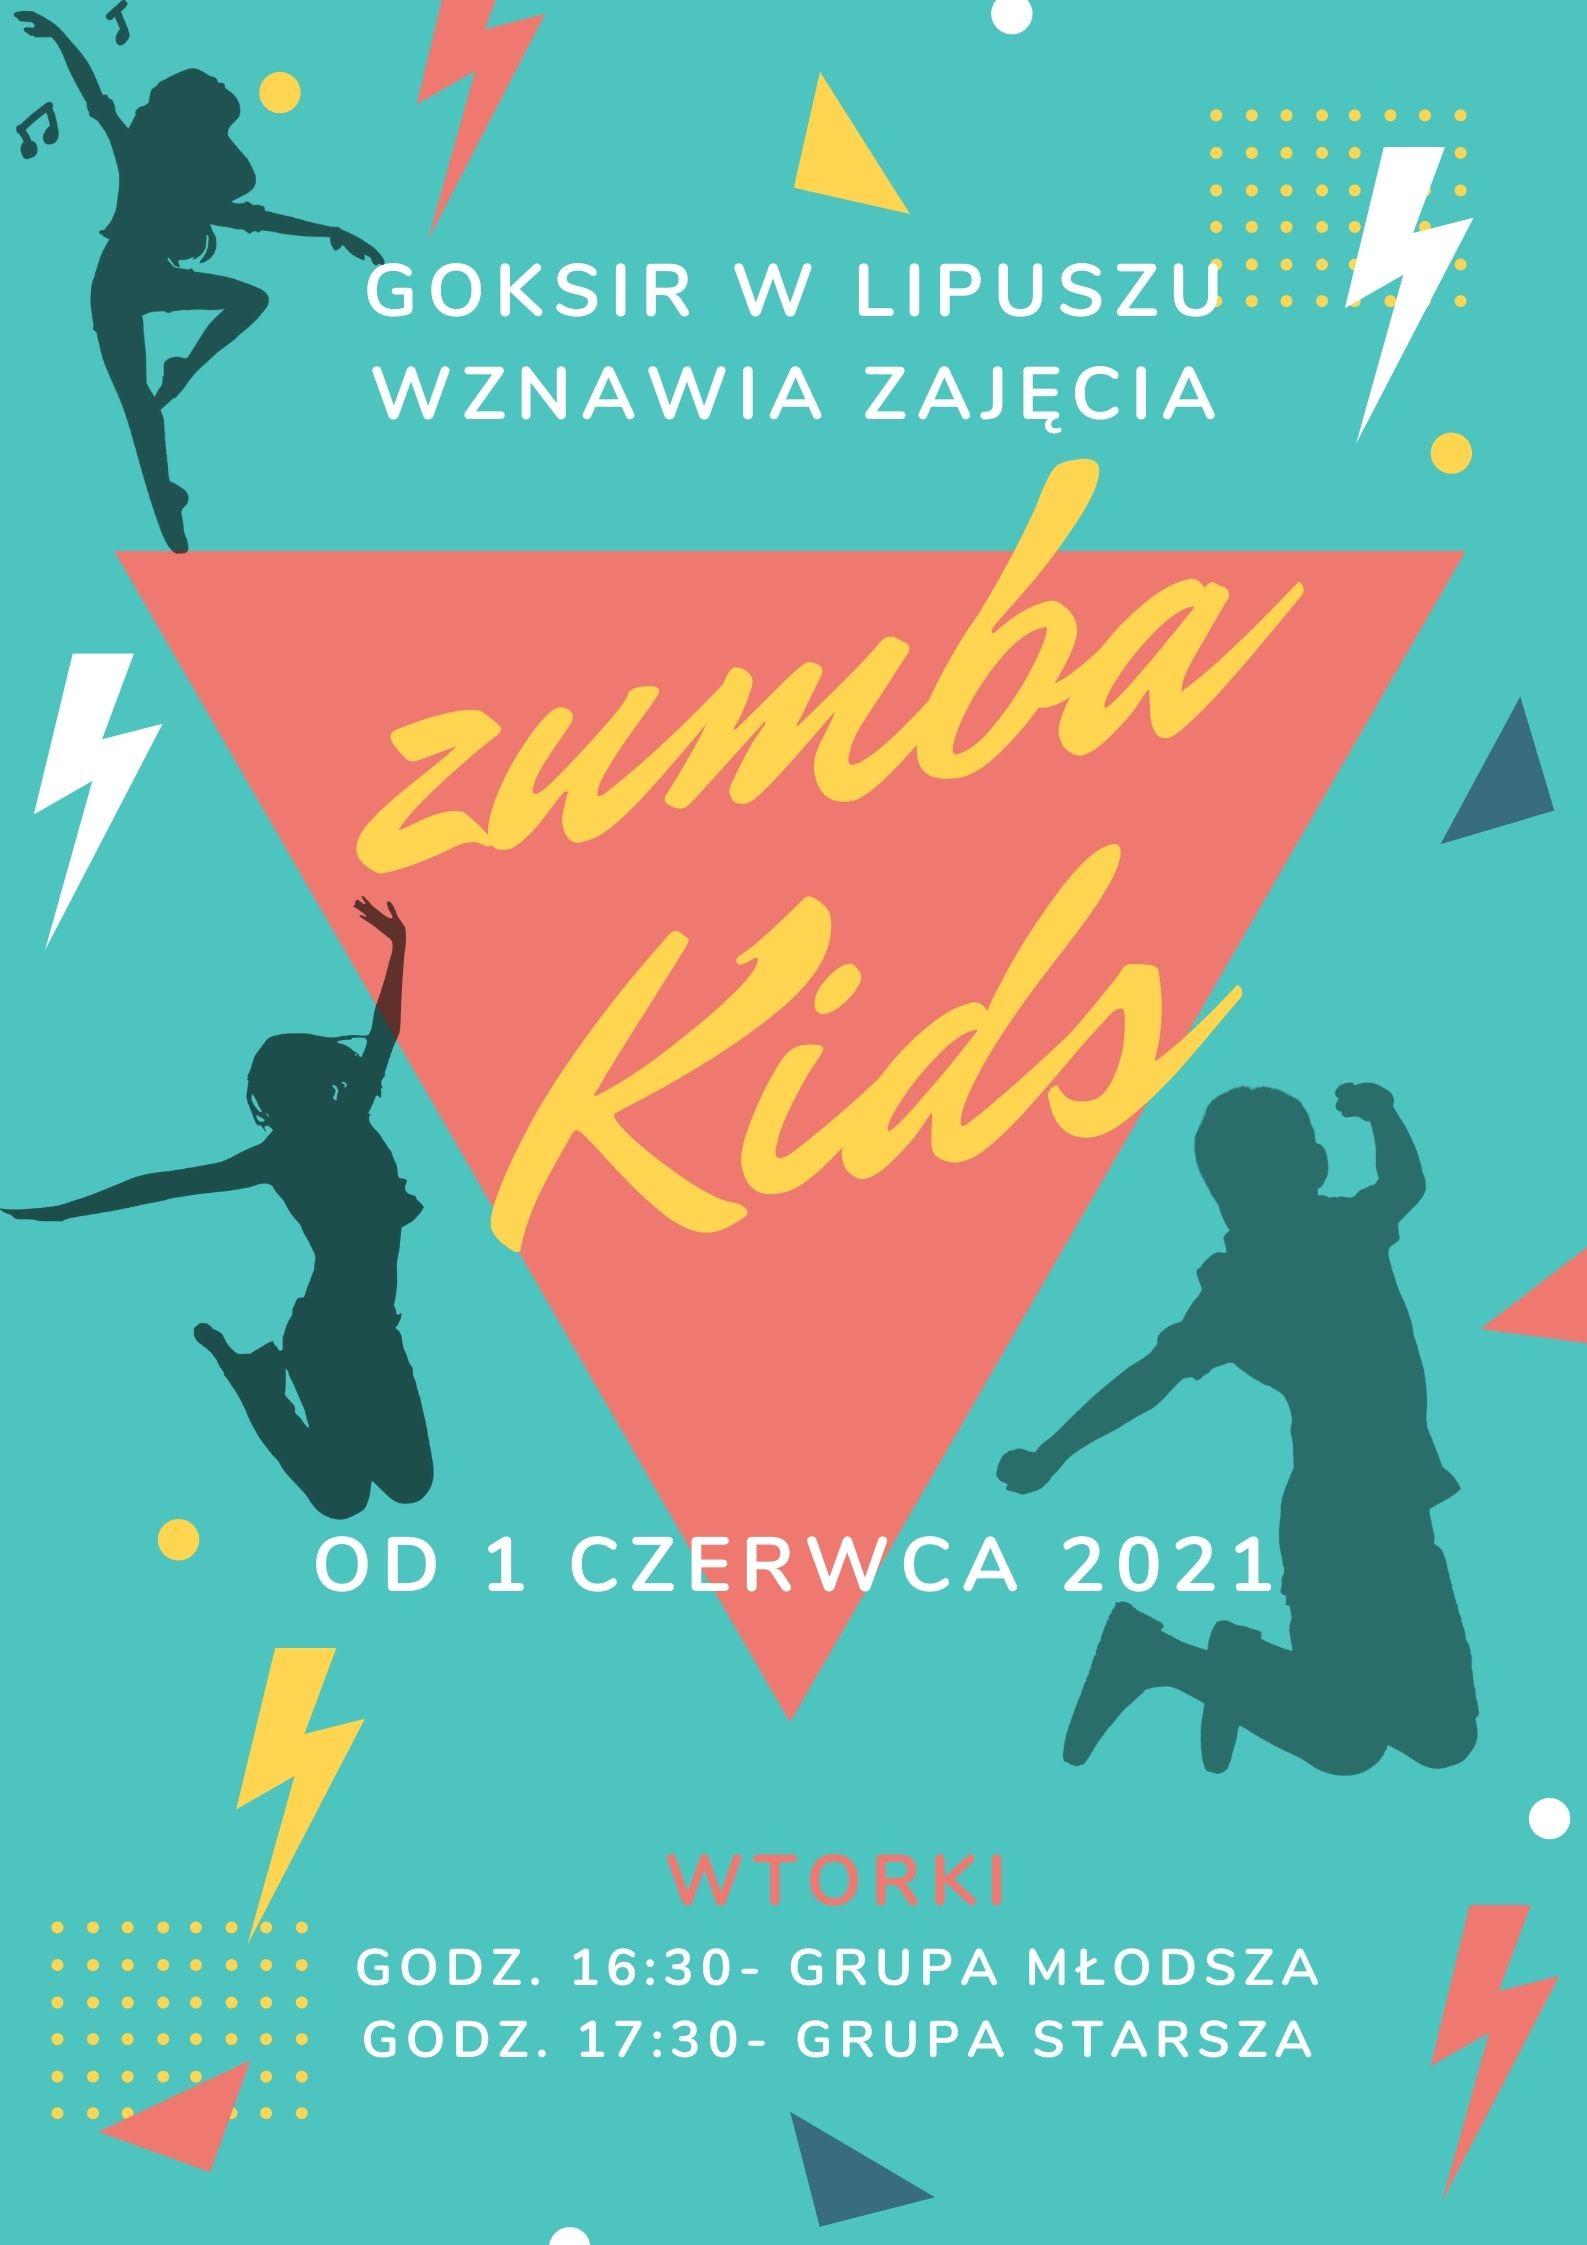 Goksir w Lipuszu wznawia zajęcia zumba kids od 1 czerwca 2021 wtorki godz. 16:30- grupa młodsza godz. 17:30 grupa starsza